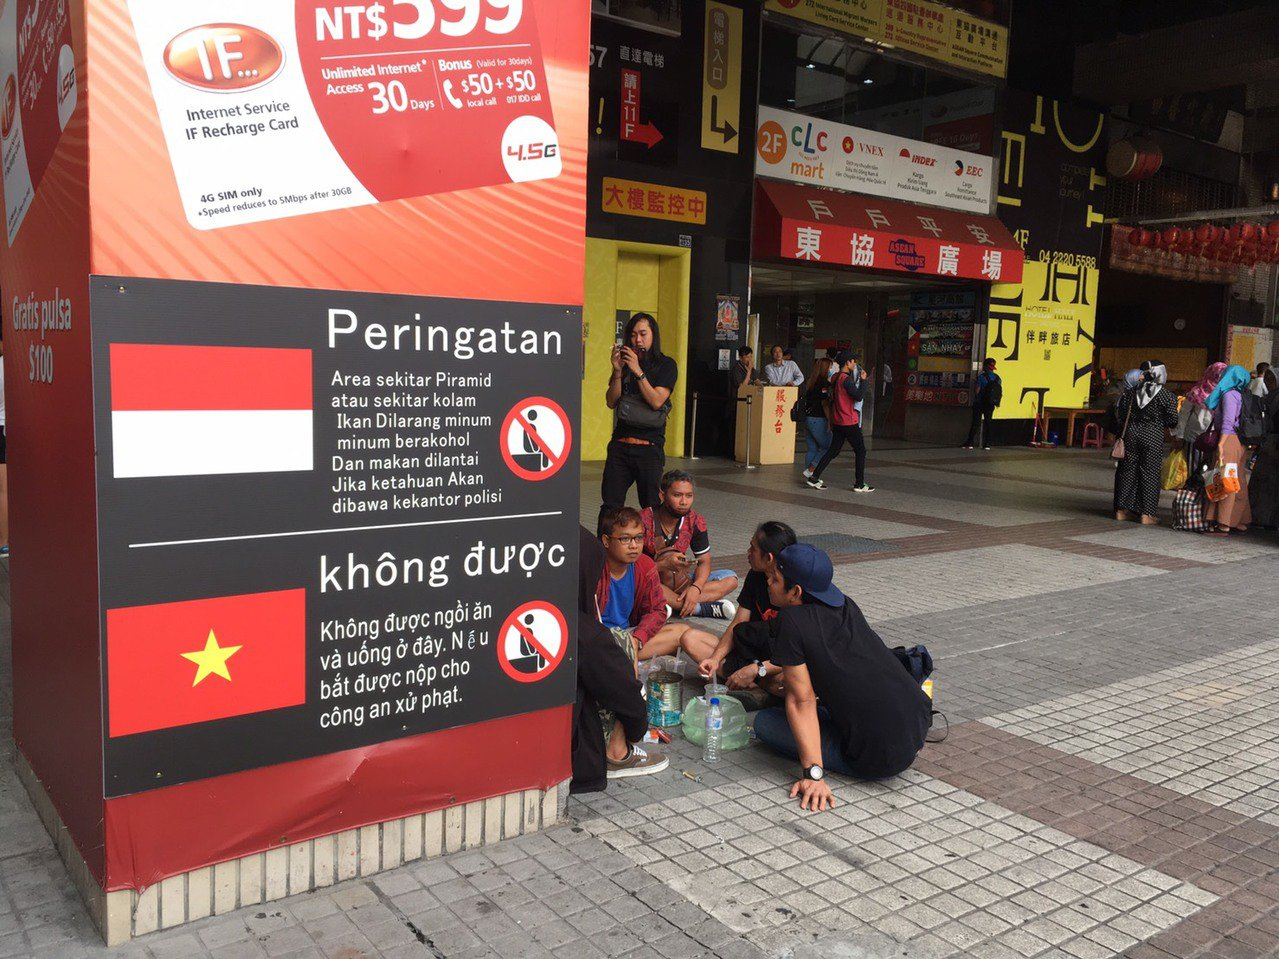 東協廣場到處可見用越南、印尼文所寫的禁坐大看板、標示。記者陳秋雲/攝影